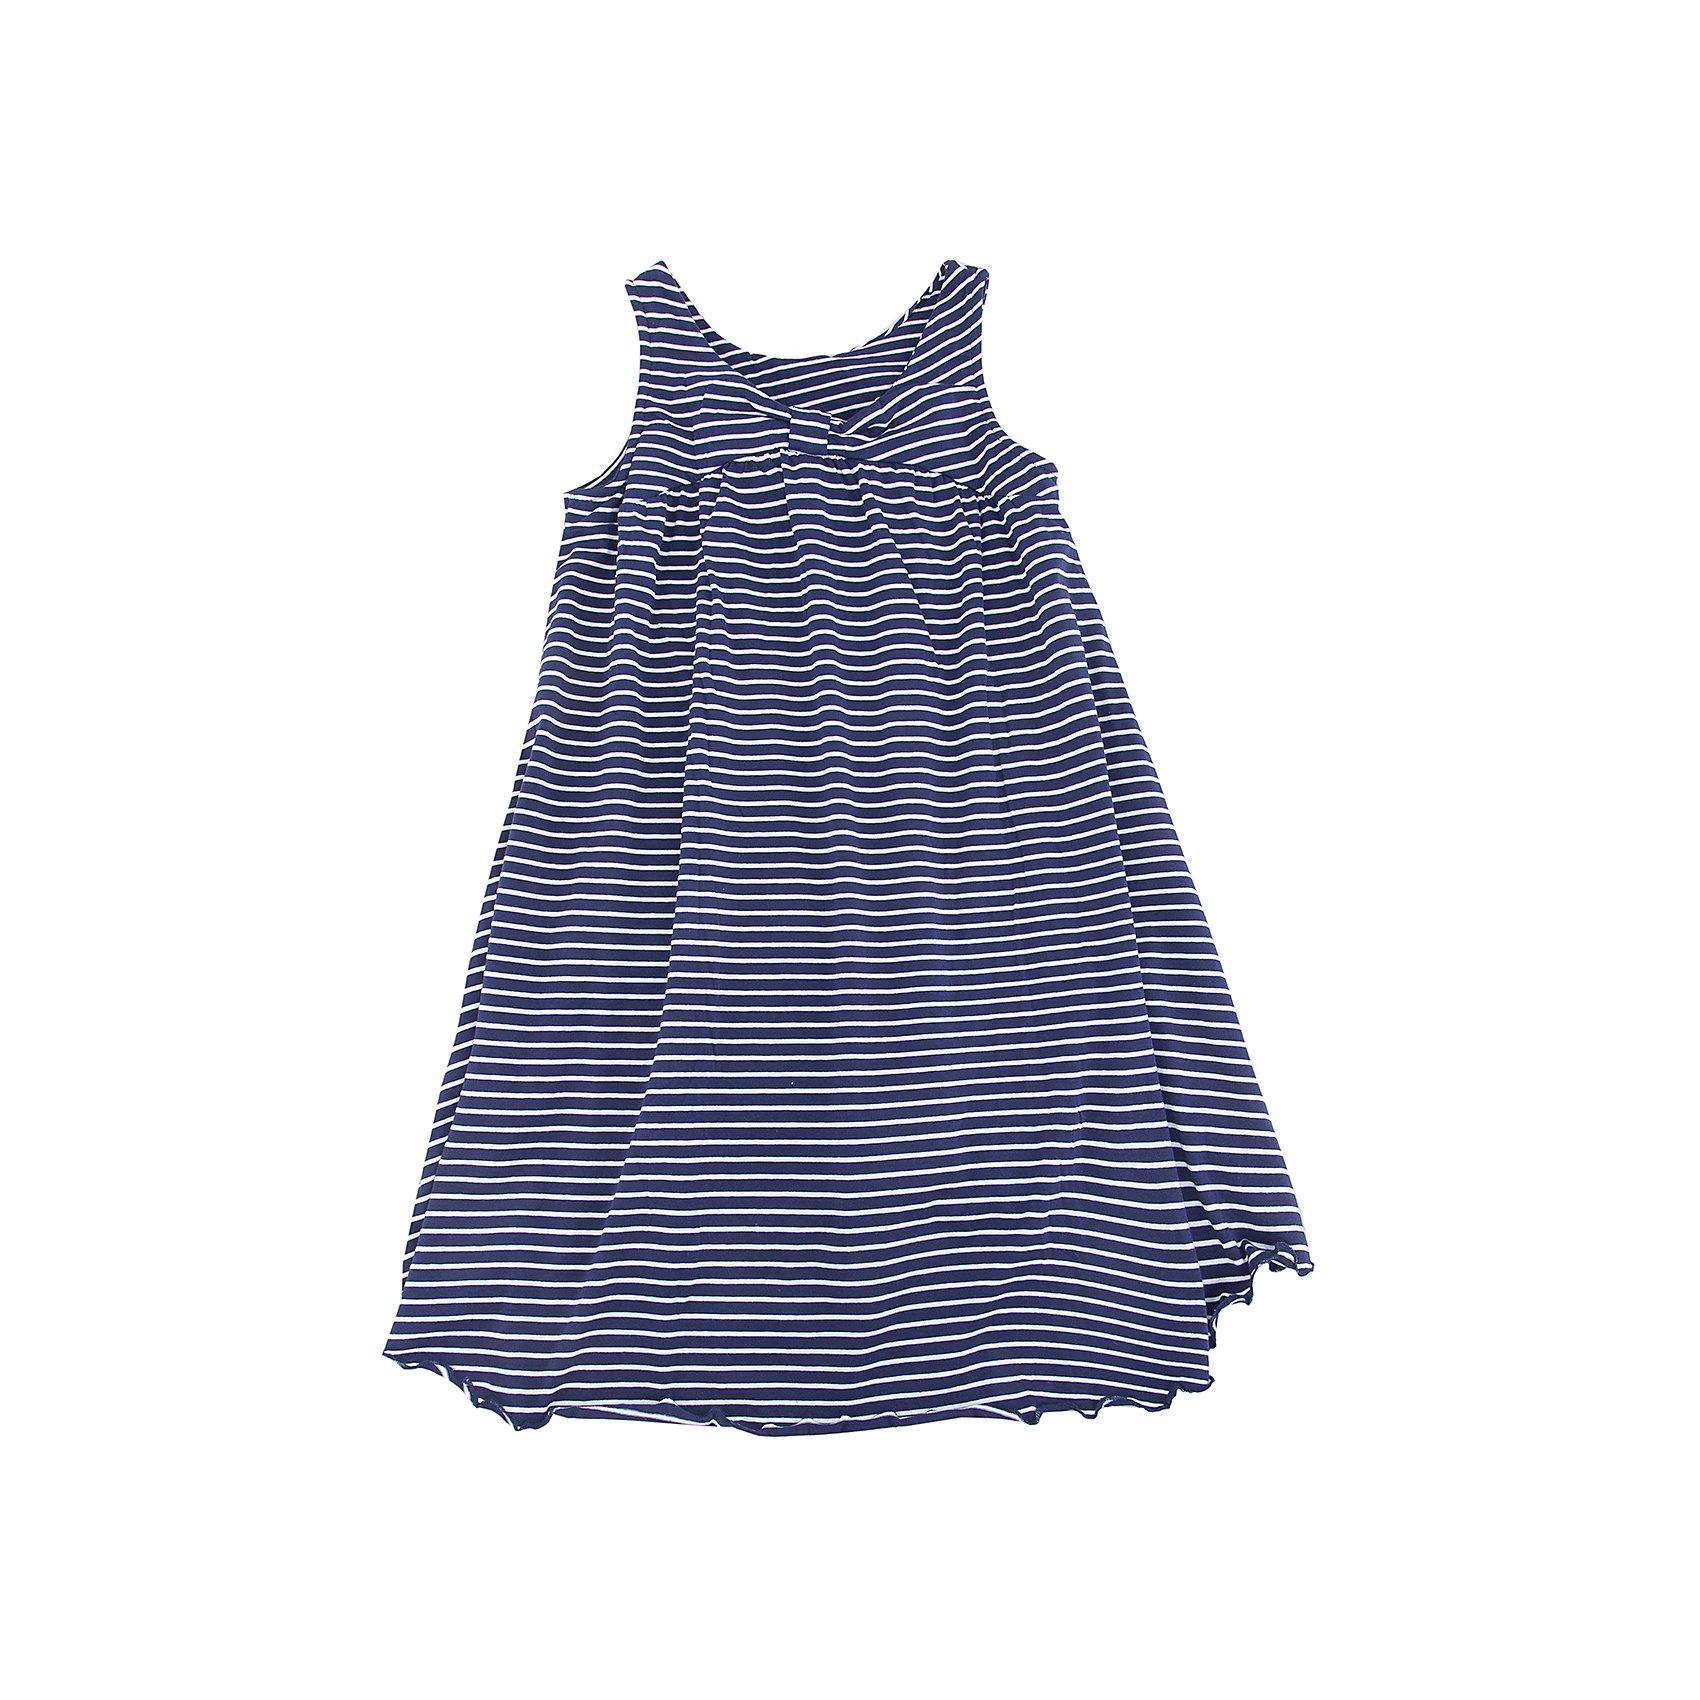 Платье для девочки ScoolПлатья и сарафаны<br>Характеристики товара:<br><br>• цвет: синий<br>• состав: 95% хлопок, 5% эластан<br>• приятная на ощупь ткань<br>• дышащий материал<br>• свободная посадка<br>• легкая ткань<br>• без рукавов<br>• комфортная посадка<br>• коллекция: весна-лето 2017<br>• страна бренда: Германия<br>• страна производства: Китай<br><br>Популярный бренд Scool выпустил новую коллекцию! Вещи из неё продолжают радовать покупателей удобством, стильным дизайном и продуманным кроем. Дети носят их с удовольствием. <br>Такая стильная модель обеспечит ребенку комфорт благодаря качественному материалу и продуманному крою. В составе ткани - натуральный хлопок, который позволяет коже дышать и не вызывает аллергии. Такие вещи очень просты в уходе.<br>Scool - это линейка товаров, созданная специально для детей школьного возраста. Дизайнеры учитывают новые веяния моды и потребности детей. Порадуйте ребенка обновкой от проверенного производителя!<br><br>Платье для девочки от известного бренда Scool можно купить в нашем интернет-магазине.<br><br>Ширина мм: 236<br>Глубина мм: 16<br>Высота мм: 184<br>Вес г: 177<br>Цвет: синий<br>Возраст от месяцев: 96<br>Возраст до месяцев: 108<br>Пол: Женский<br>Возраст: Детский<br>Размер: 134,164,140,146,158,152<br>SKU: 5604222